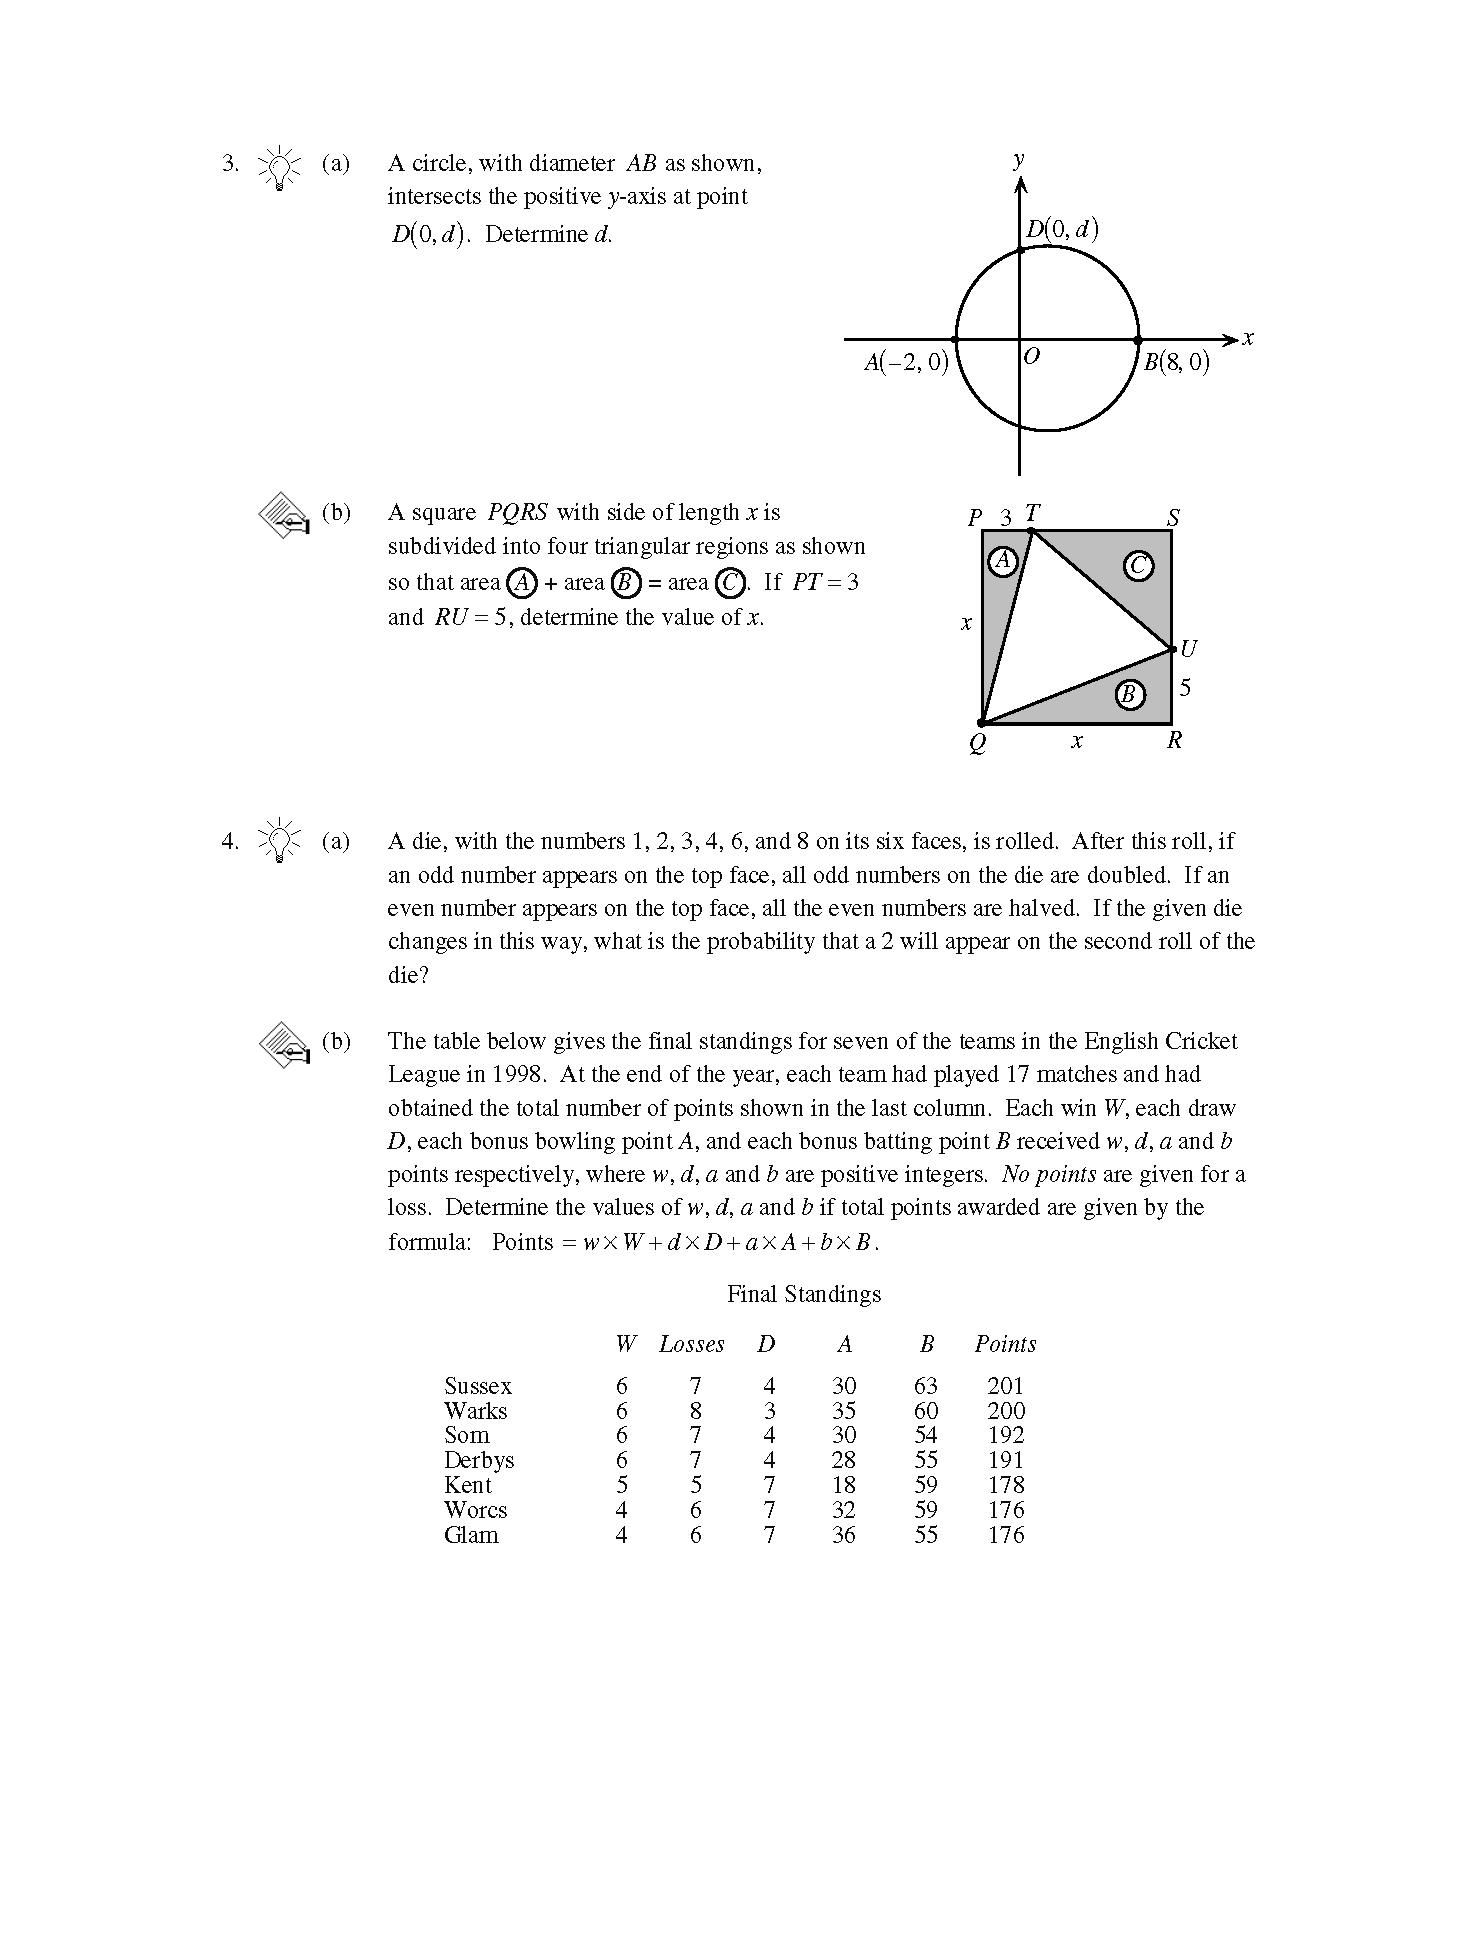 加拿大数学竞赛CMC-Eucli欧几里德数学竞赛2000年真题